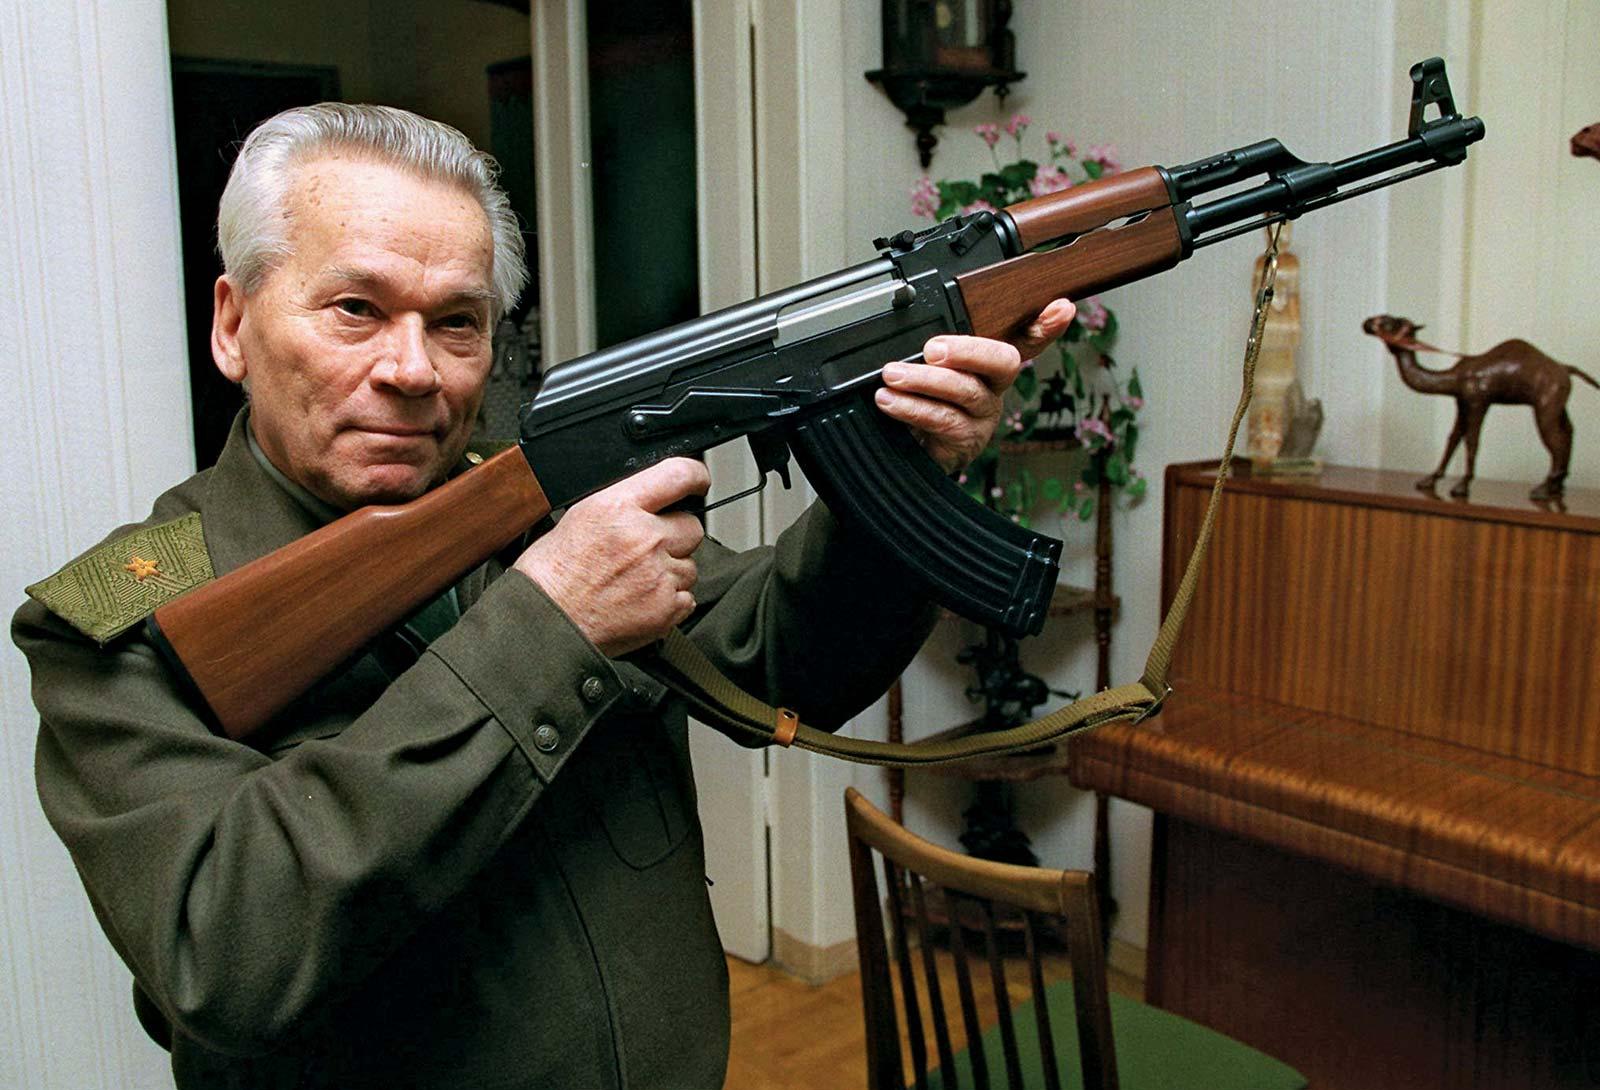 THE KALASHNIKOV STORY